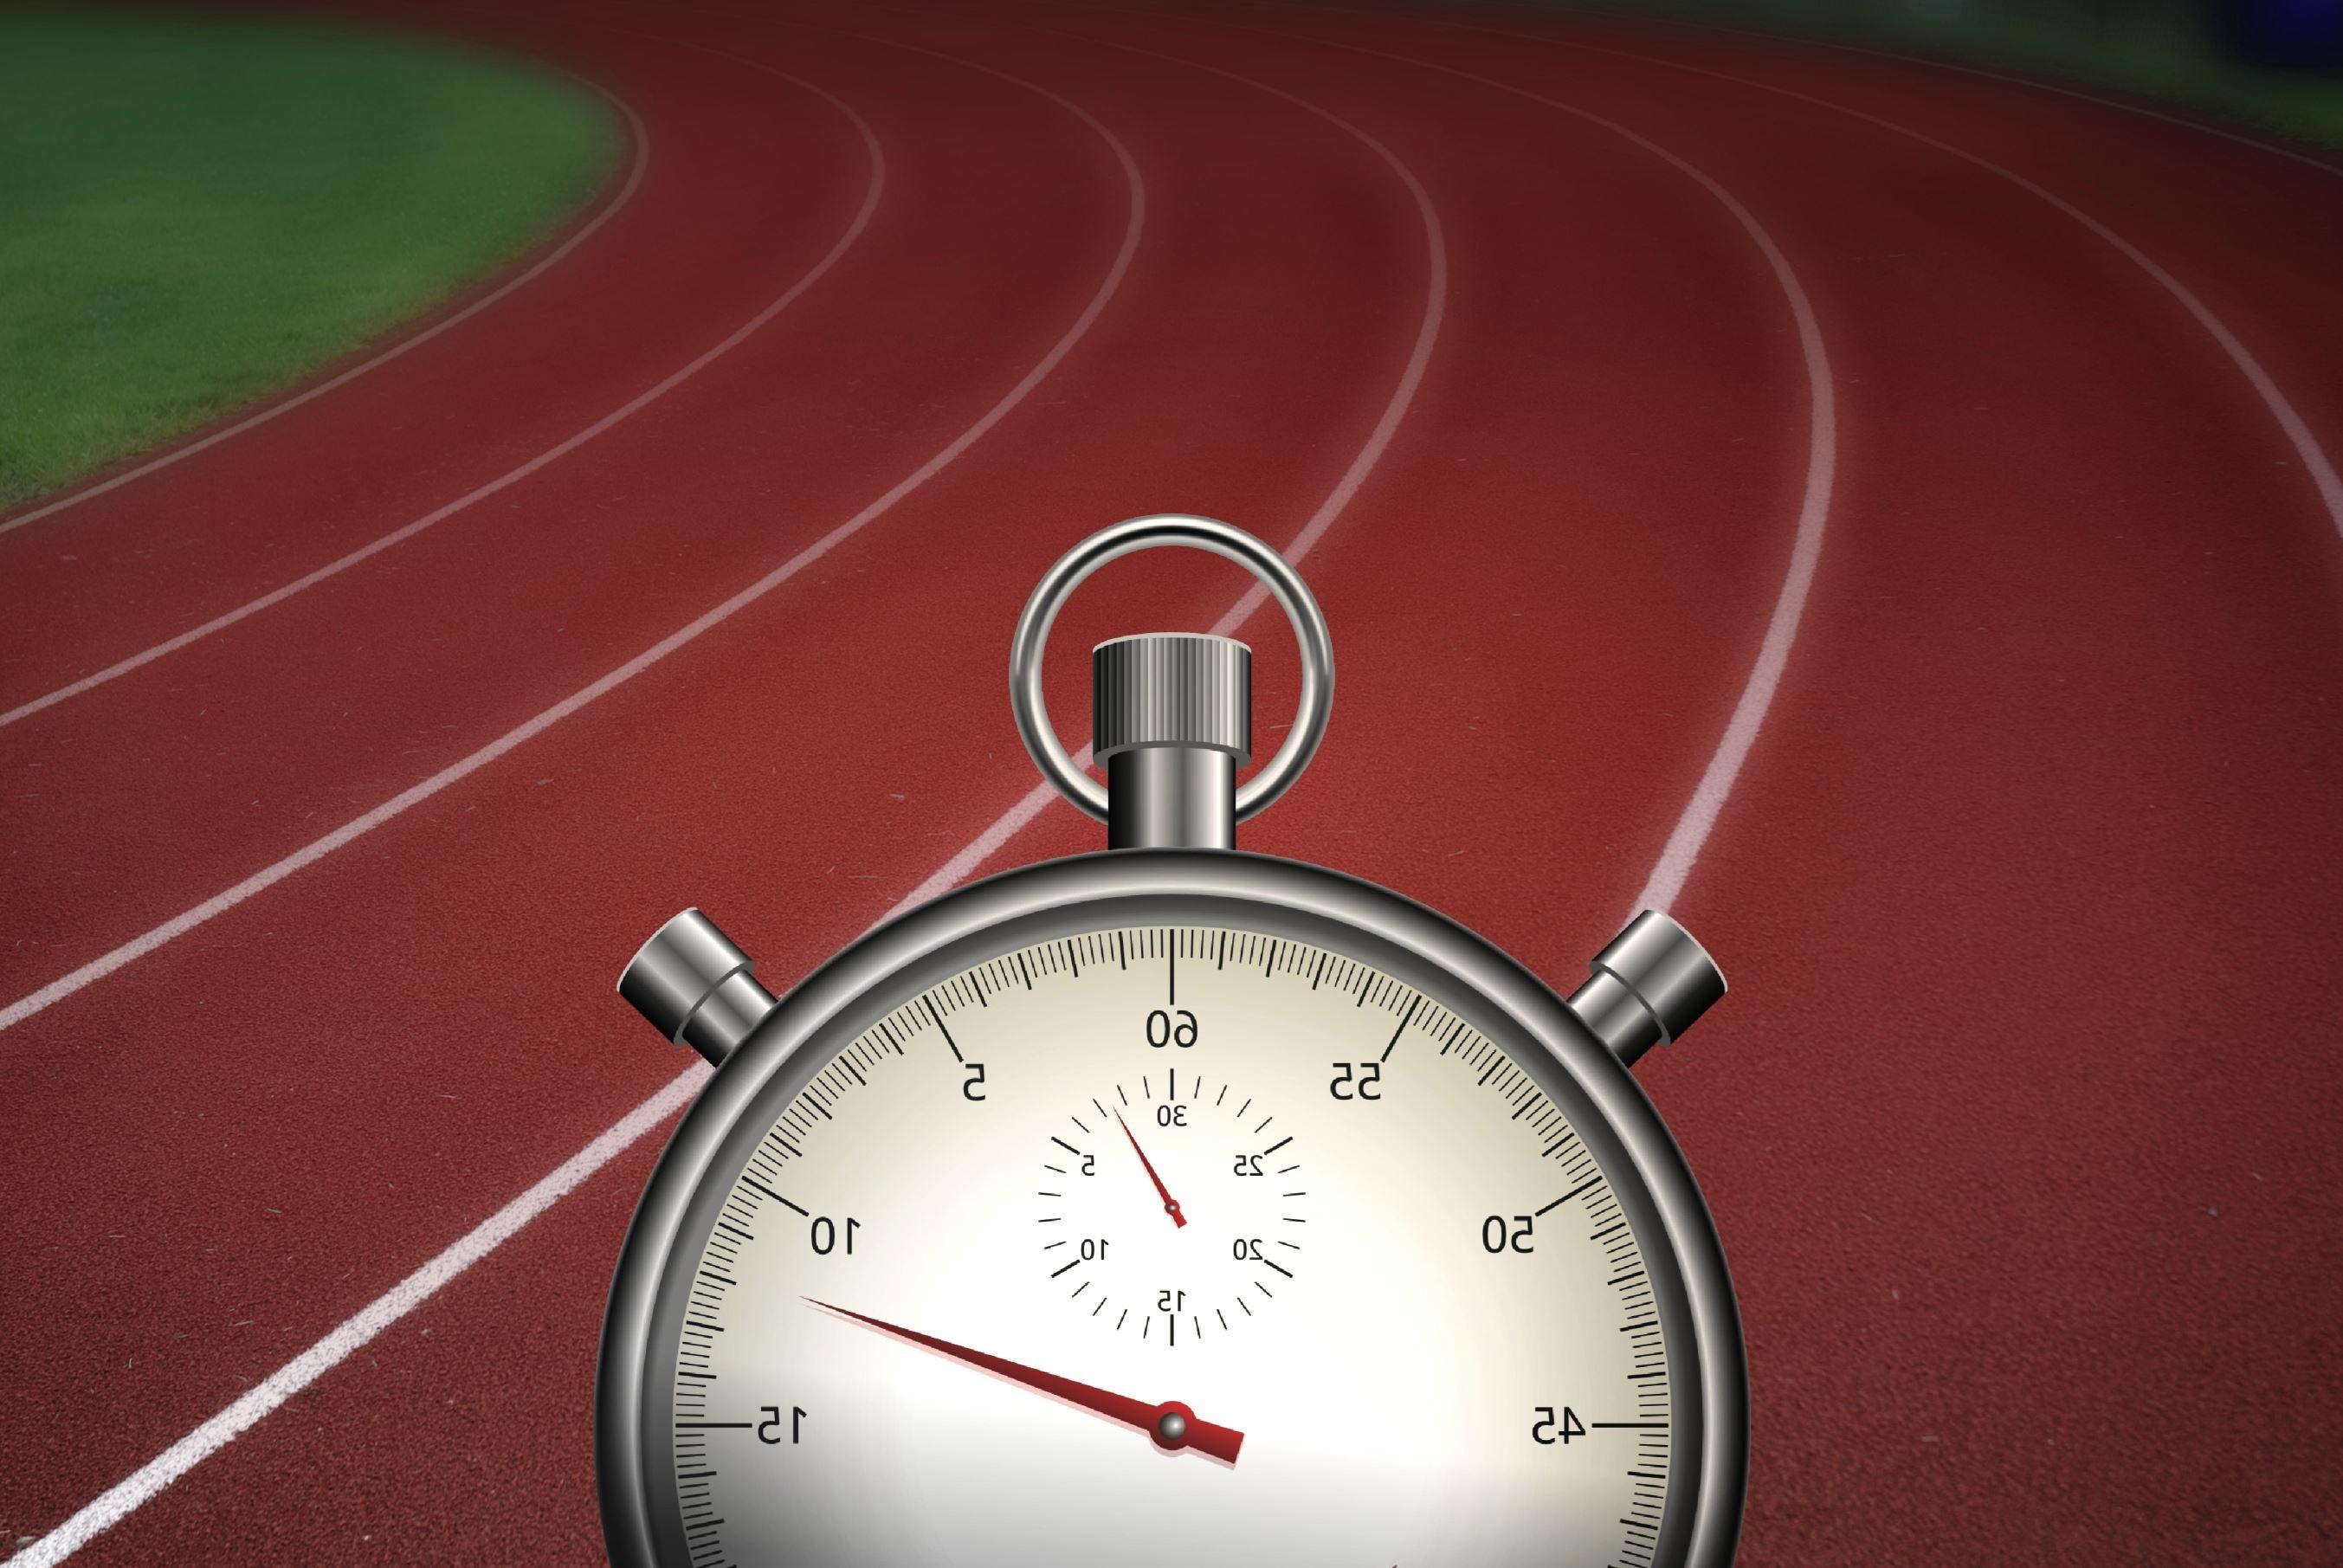 c3fc8472b Reloj, tiempo, parada, atletismo, velocidad, cuenta atrás, minuto, puntero